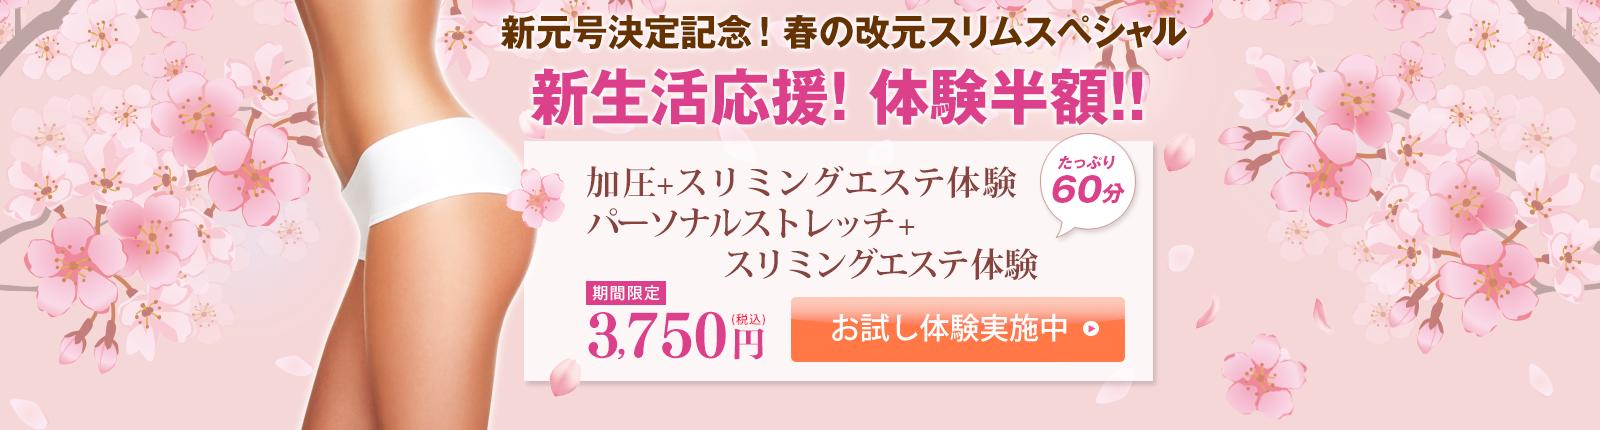 新元号決定記念!春の改元スリムスペシャル 新生活応援! 体験半額!!